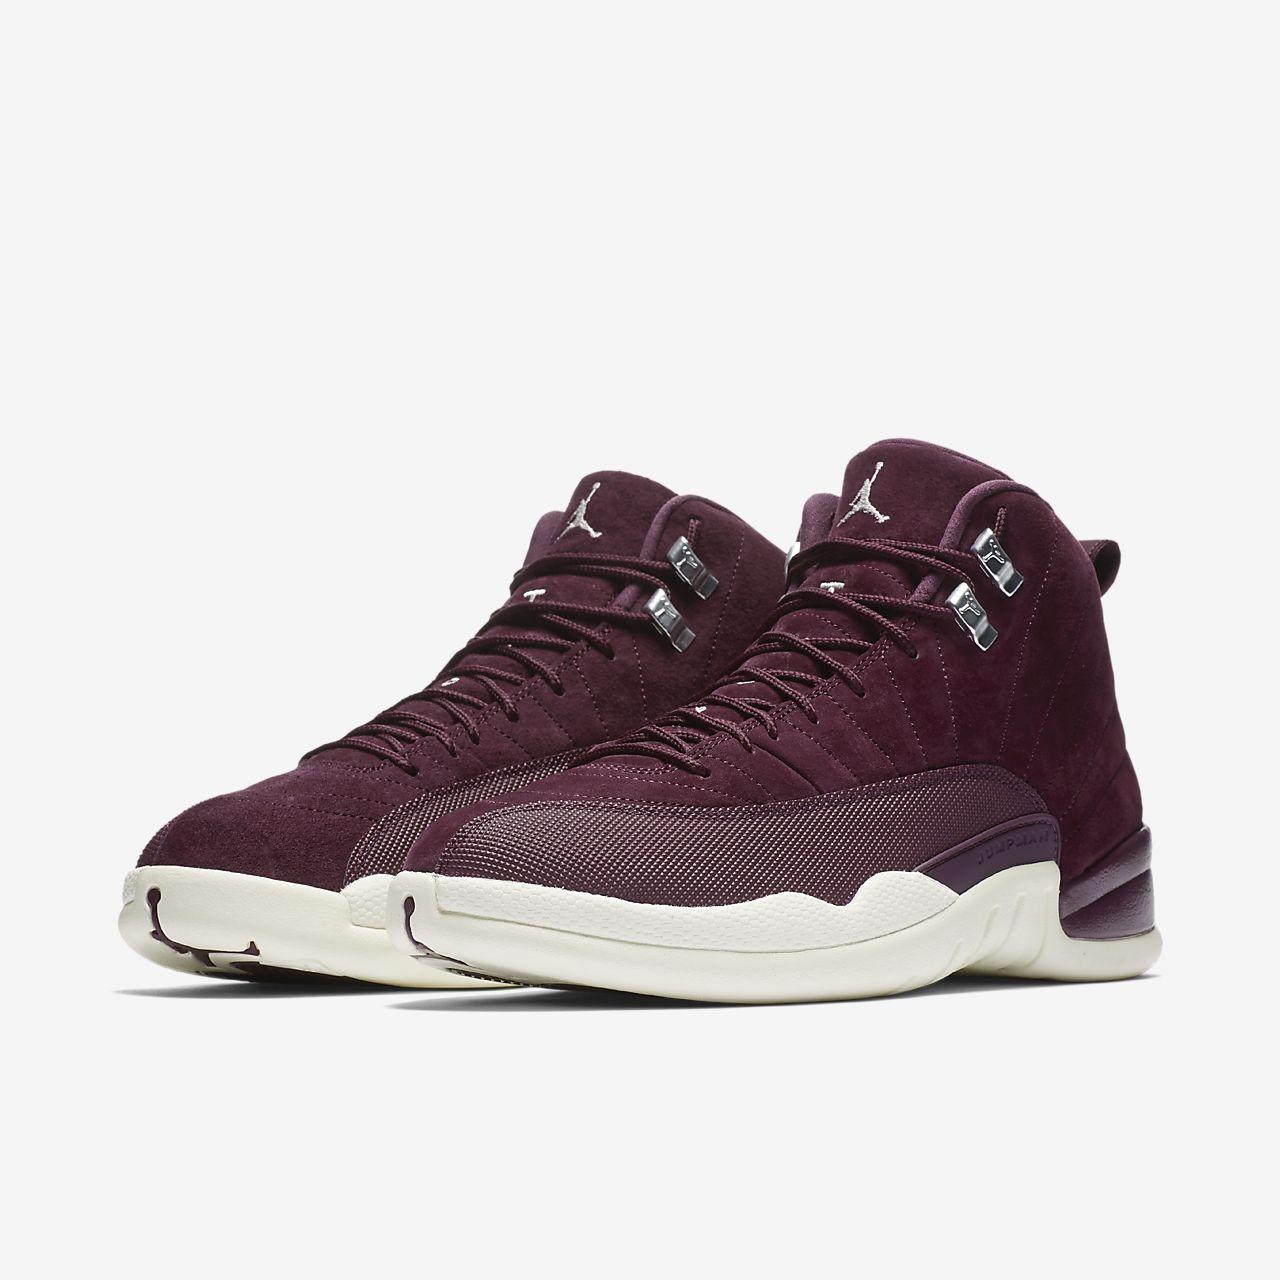 Jordan Retro Mens Shoes For Sale